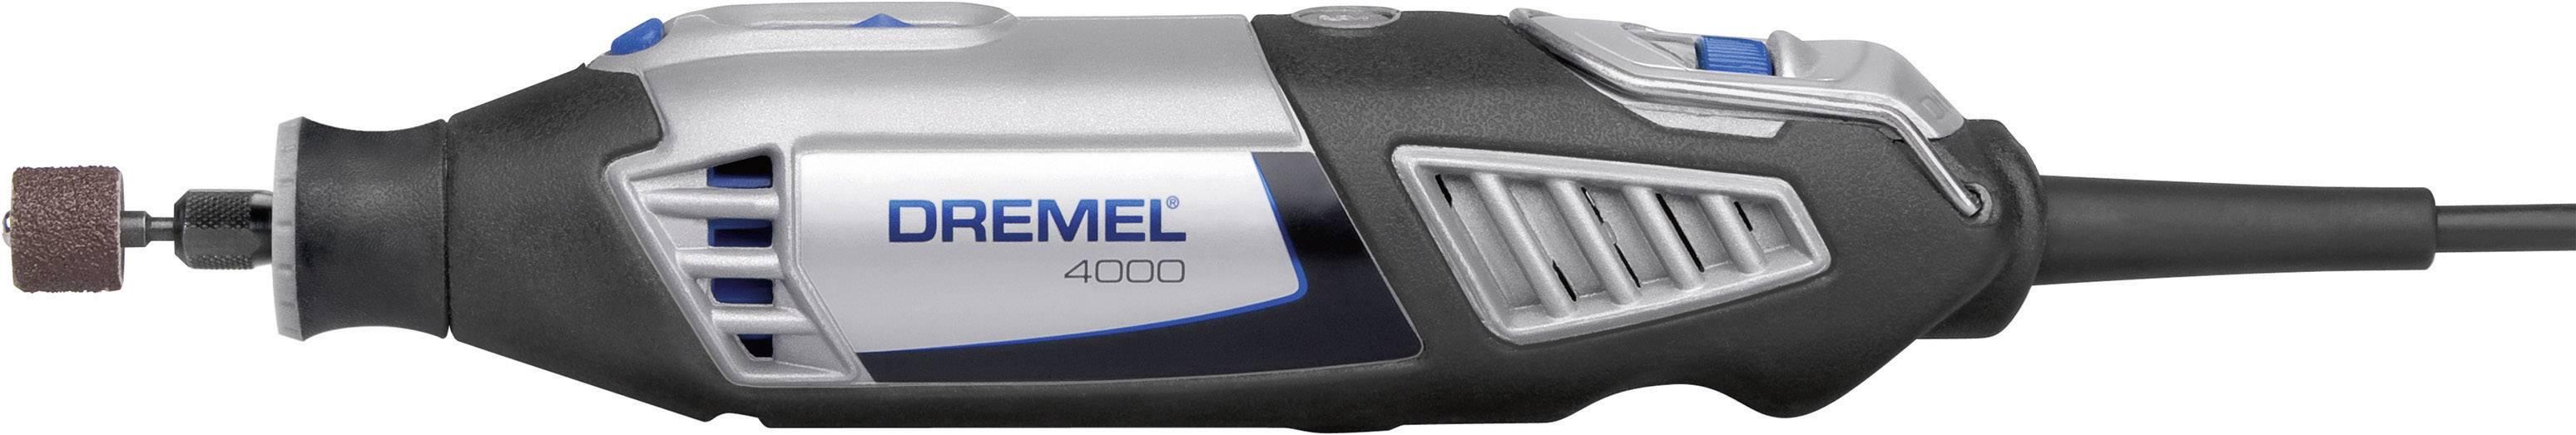 Multifunkčné náradie Dremel 4000